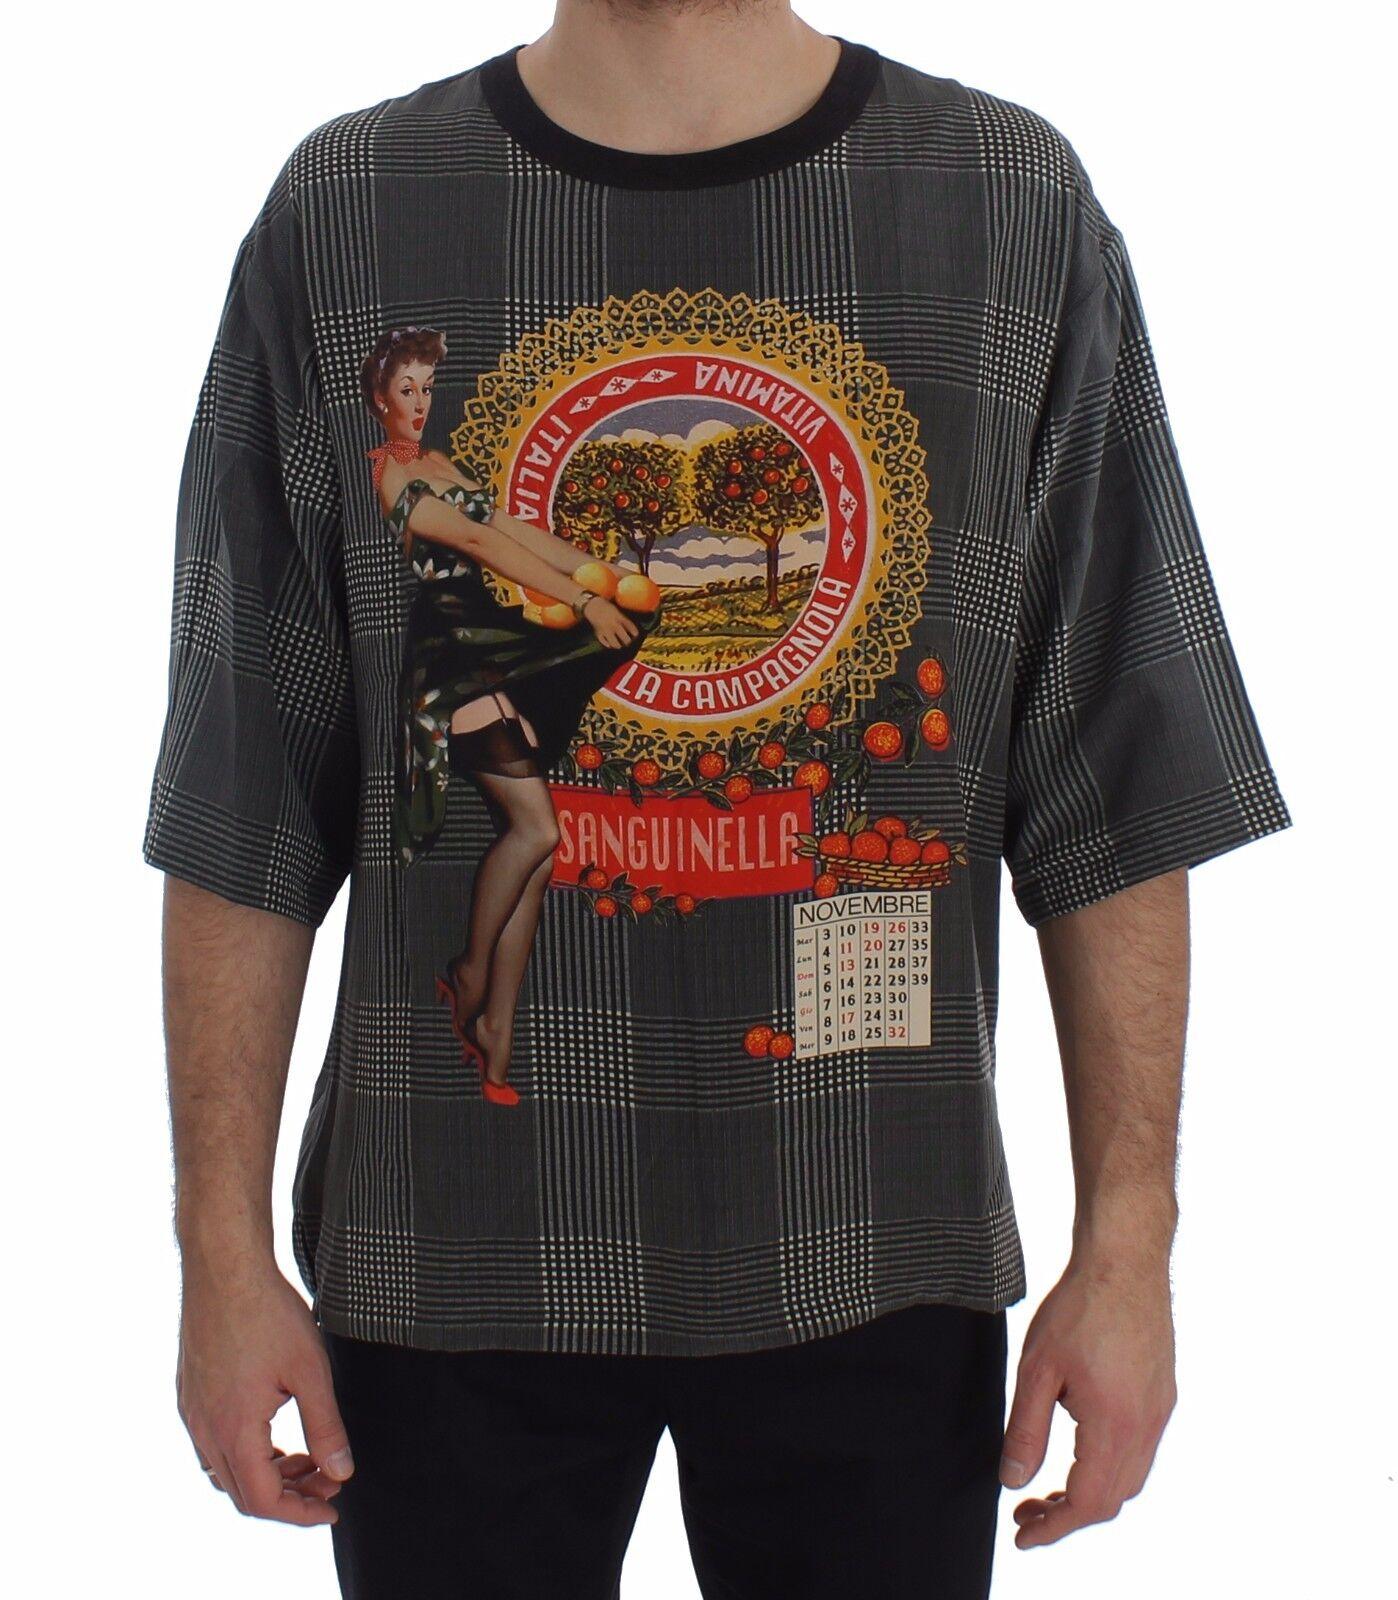 NEUF DOLCE & Gabbana T-Shirt ras du cou sanguinella Italie imprimé soie IT48/M